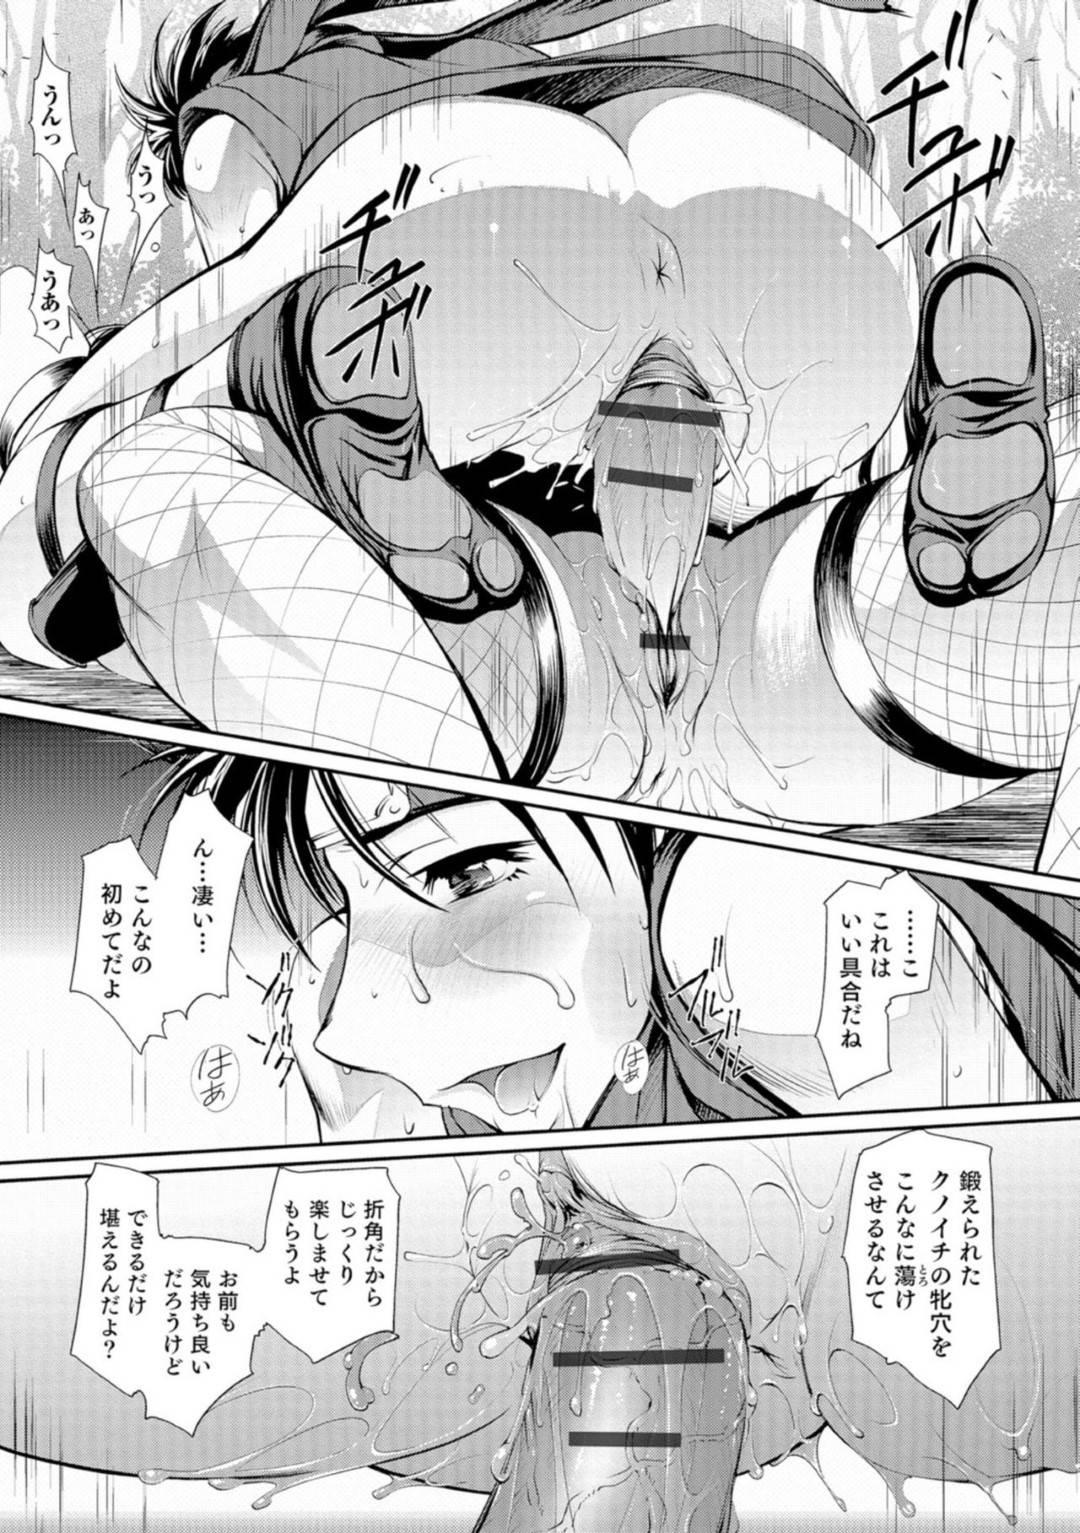 【エロ漫画】不死身と噂されるふたなり戦士の久遠と対峙したくノ一の安曇。欲情してチンポを勃起させる久遠に興味を持った彼女は仲間の忠告を無視して強引に手コキしたり、騎乗位で跨ったりと逆レイプする!